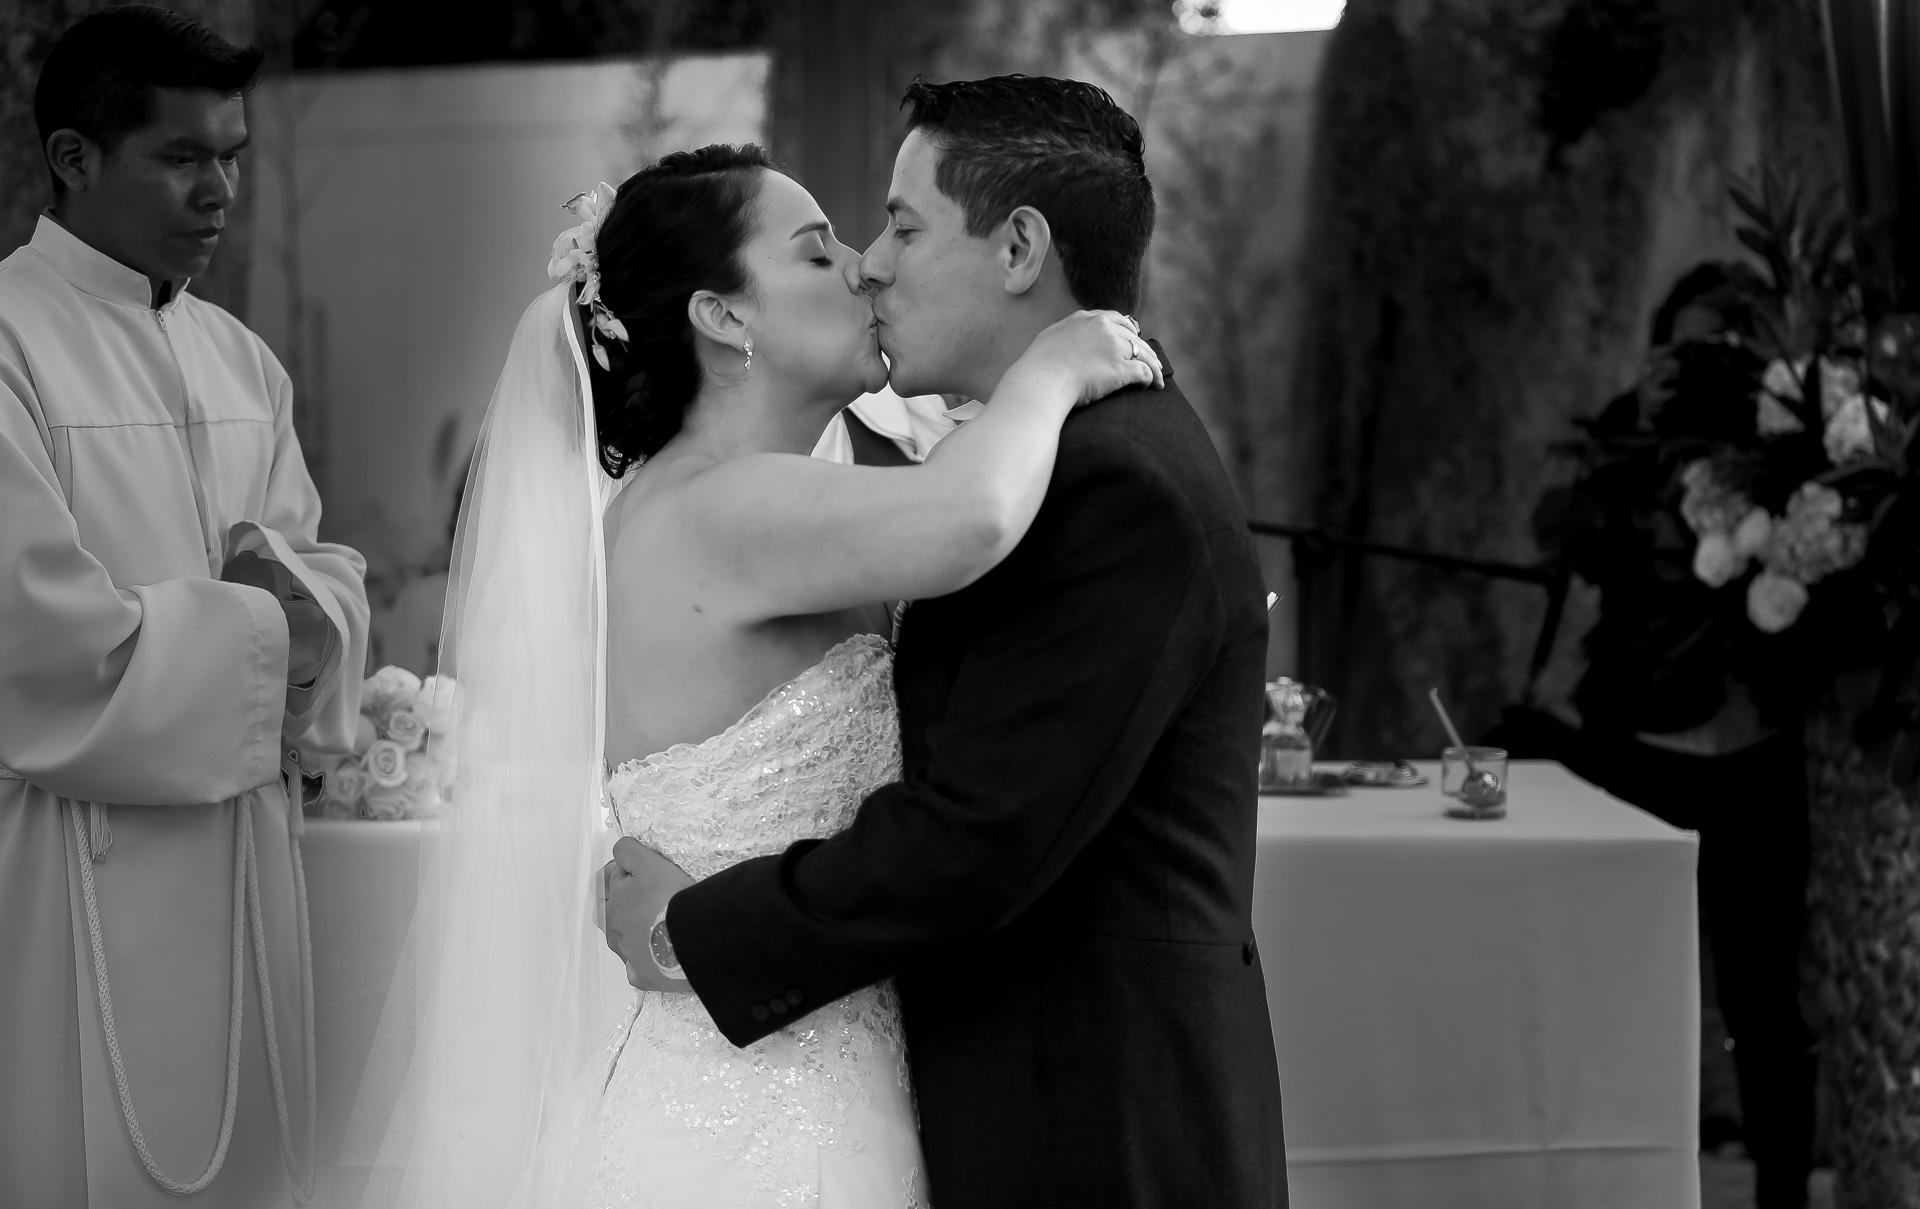 Fotógrafos-de-bodas-en-Colombia-Angela-y-Camilo-16 ANGELA + CAMILO